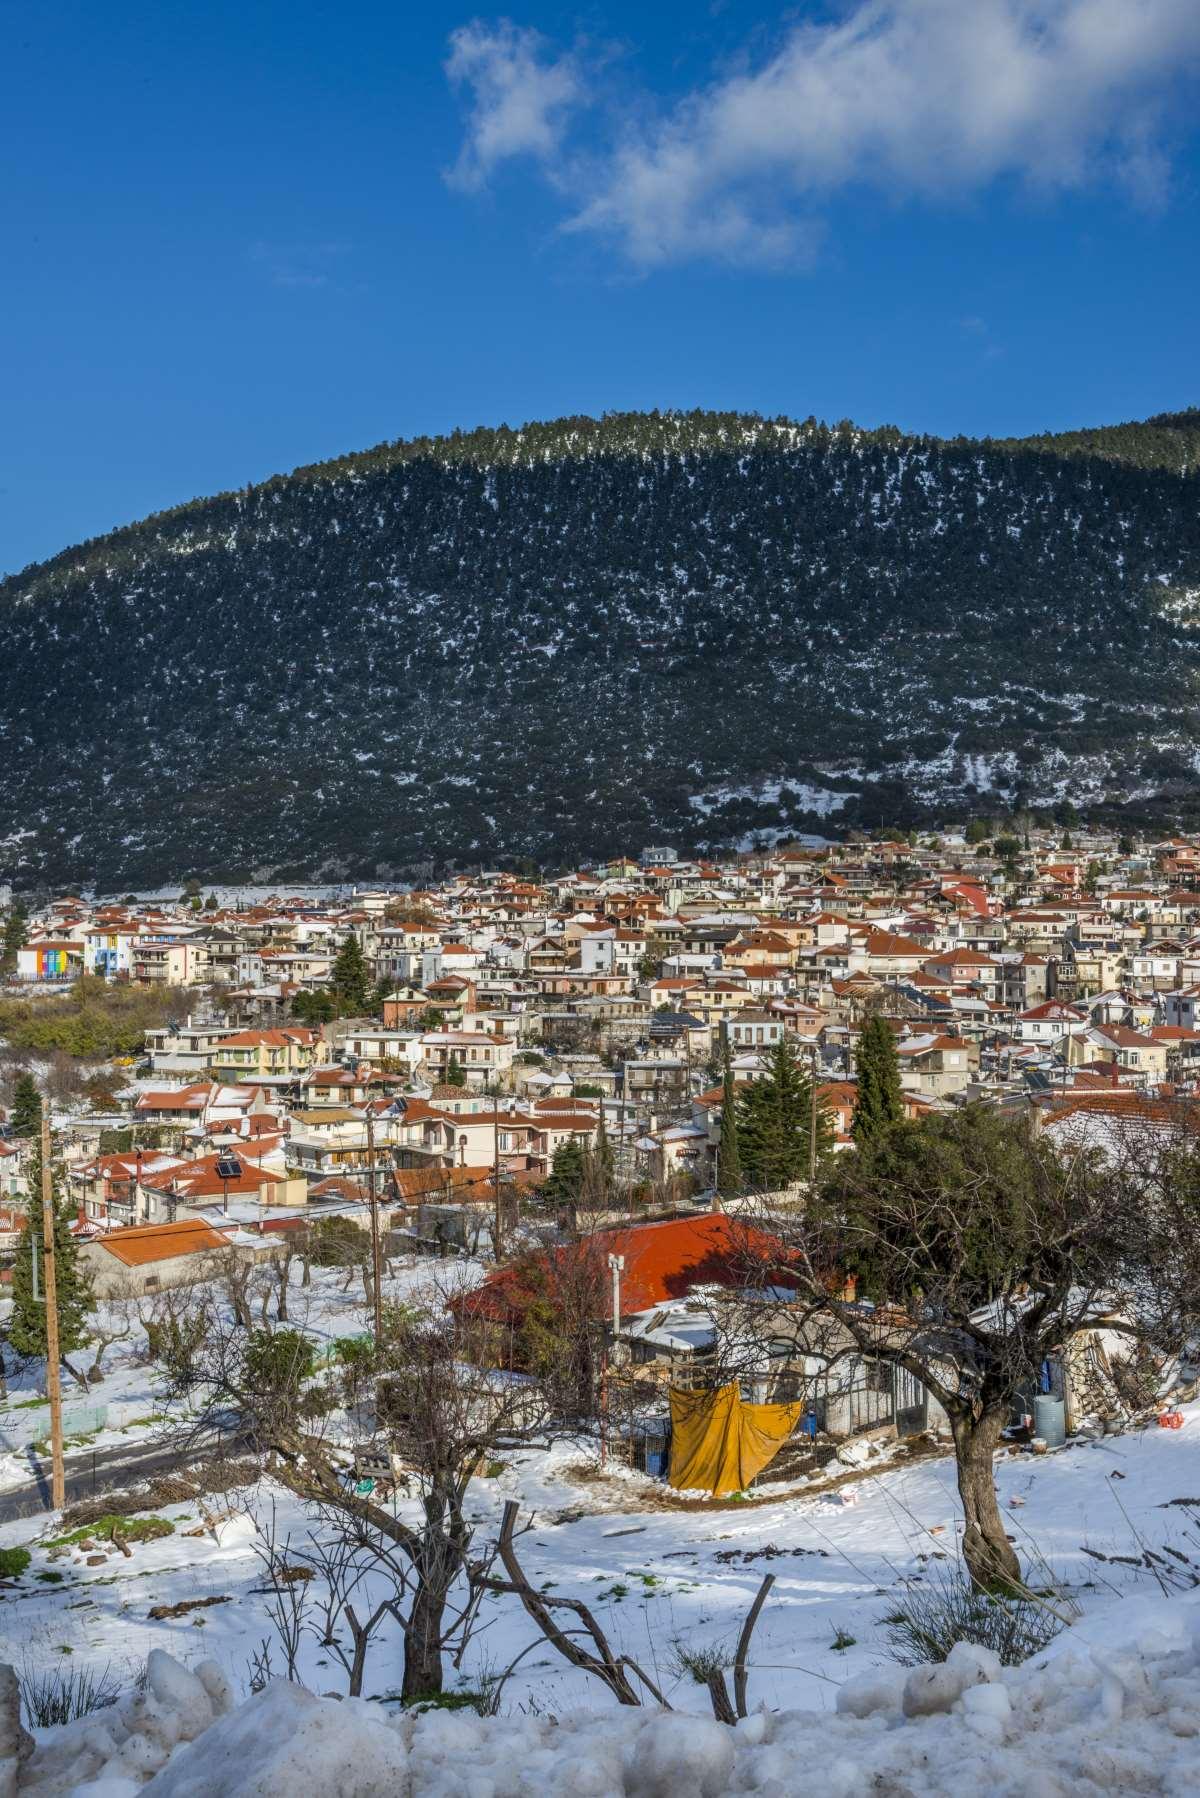 Κυριάκι Βοιωτίας, πανοραμική εικόνα του χωριού με χιόνια